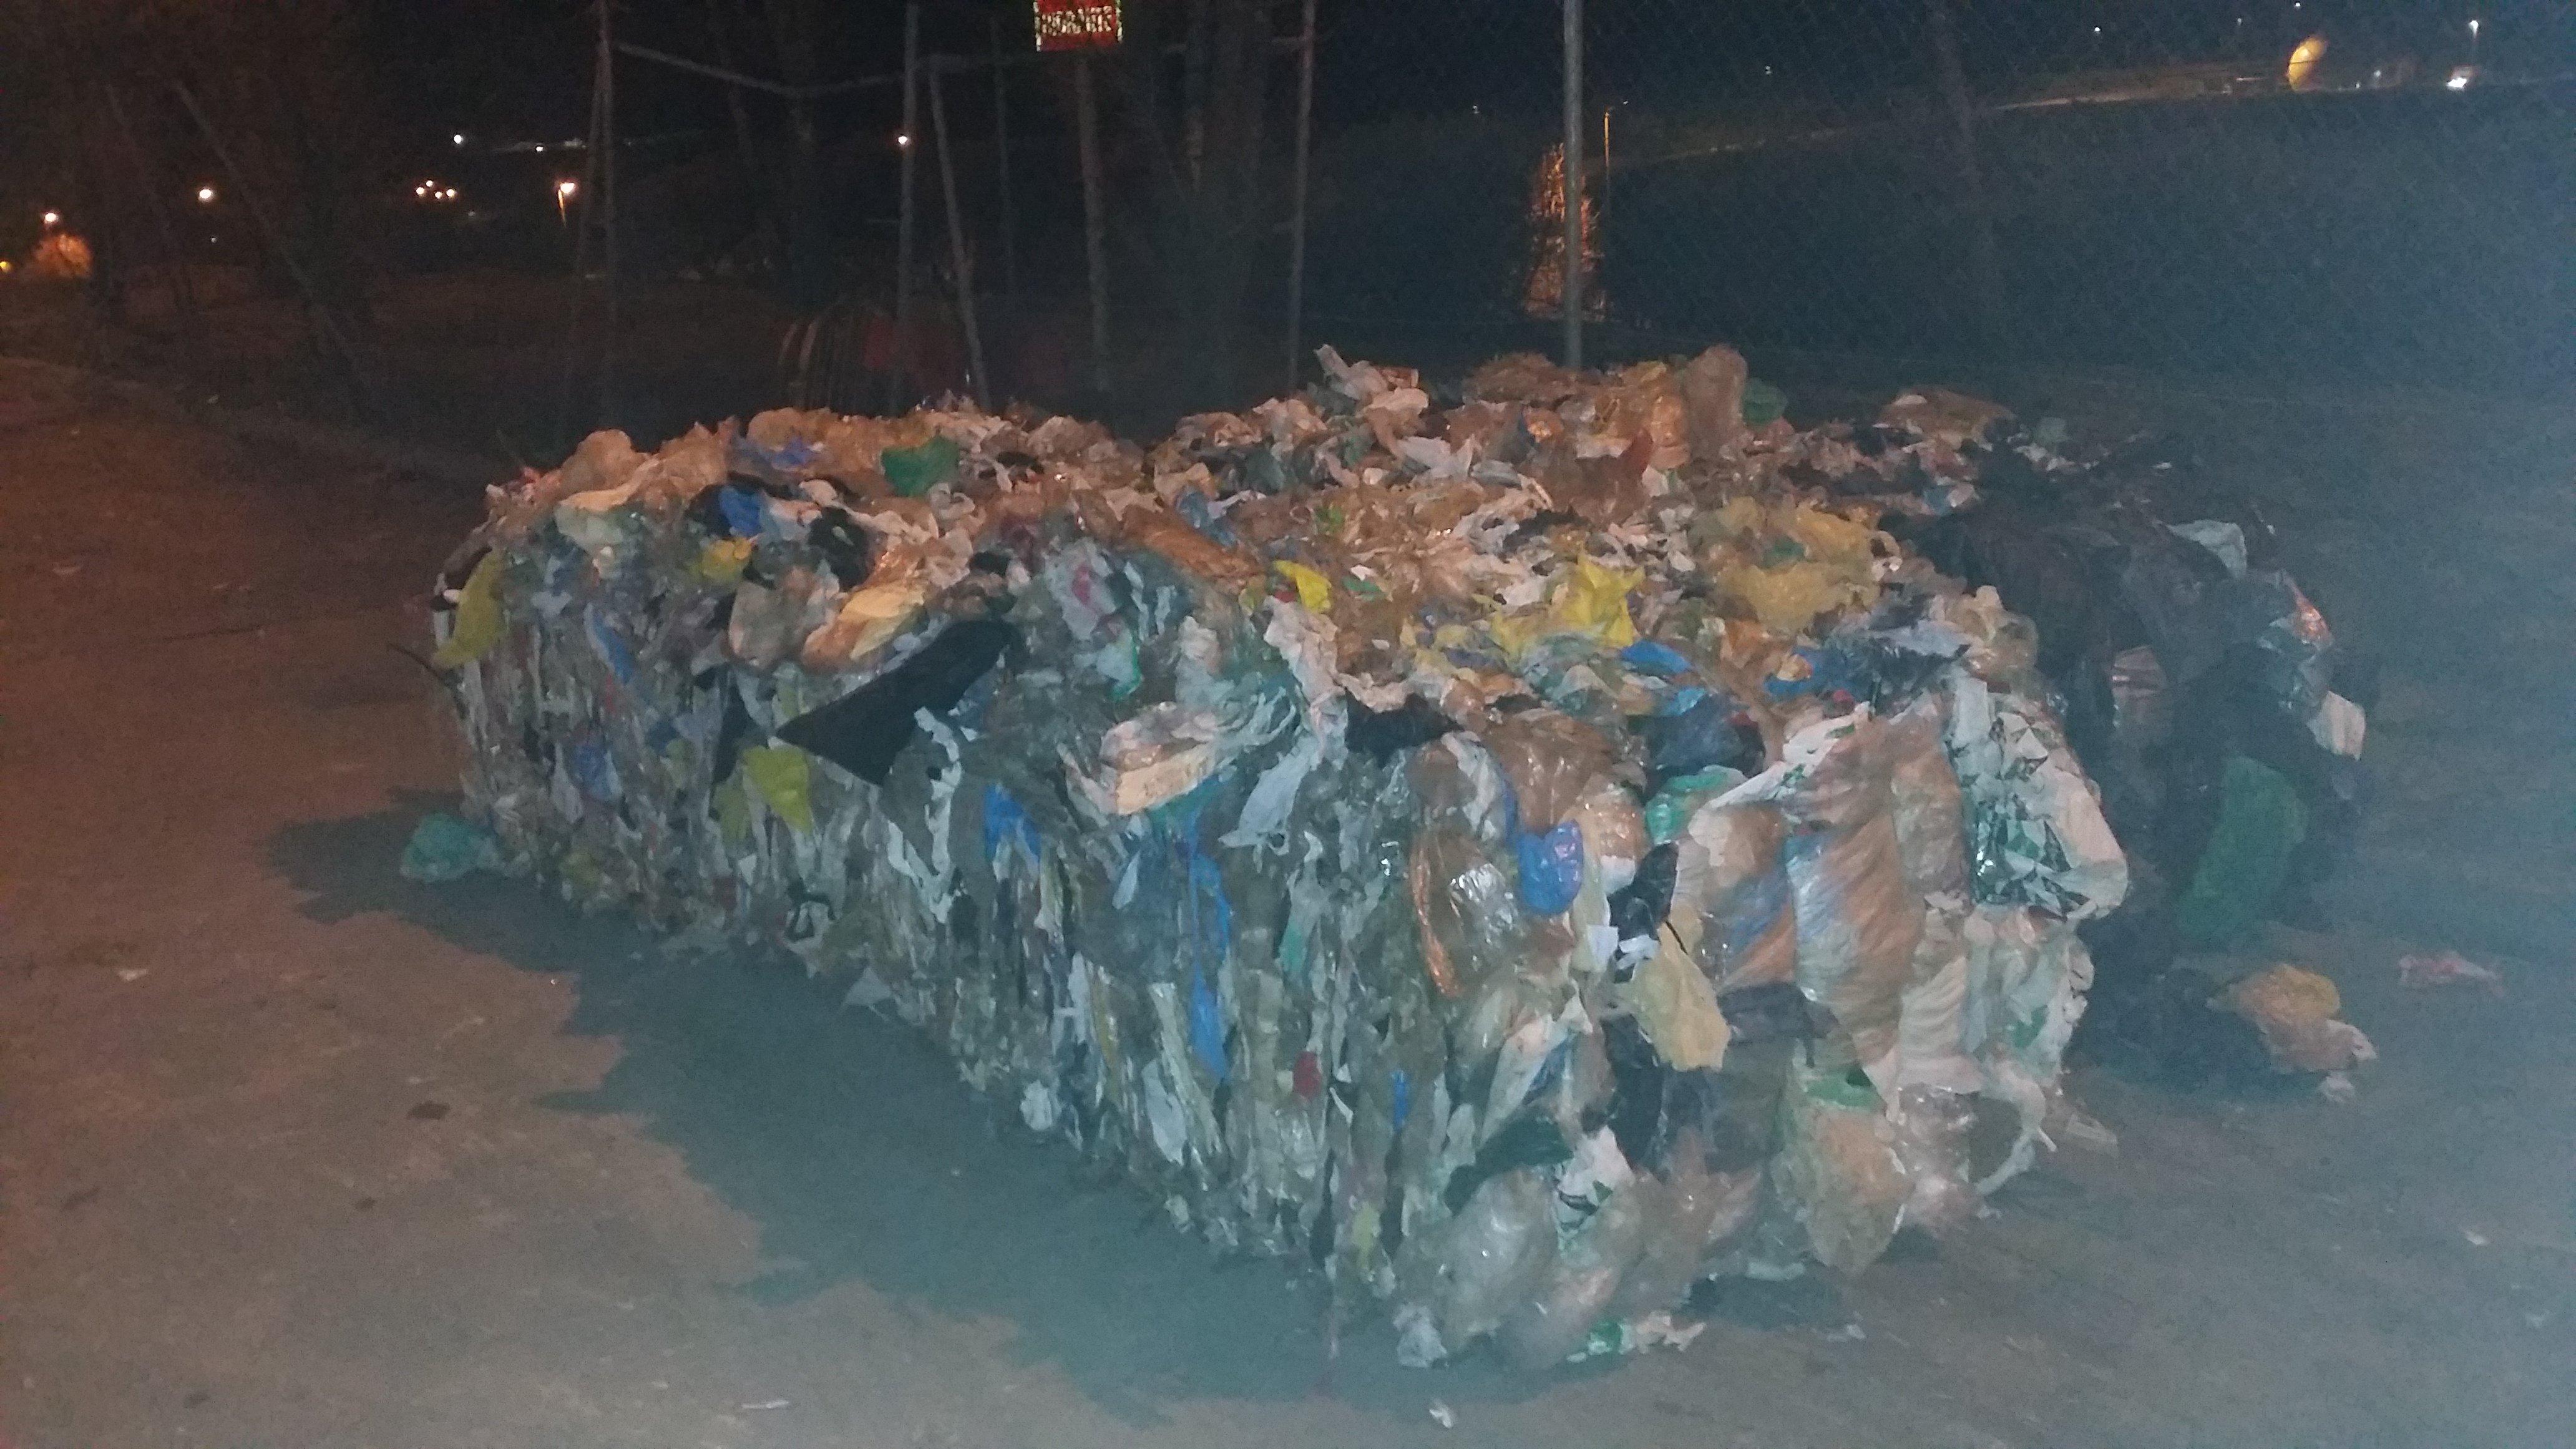 mezcla de plásticos recuperados en una planta de clasificación de residuos